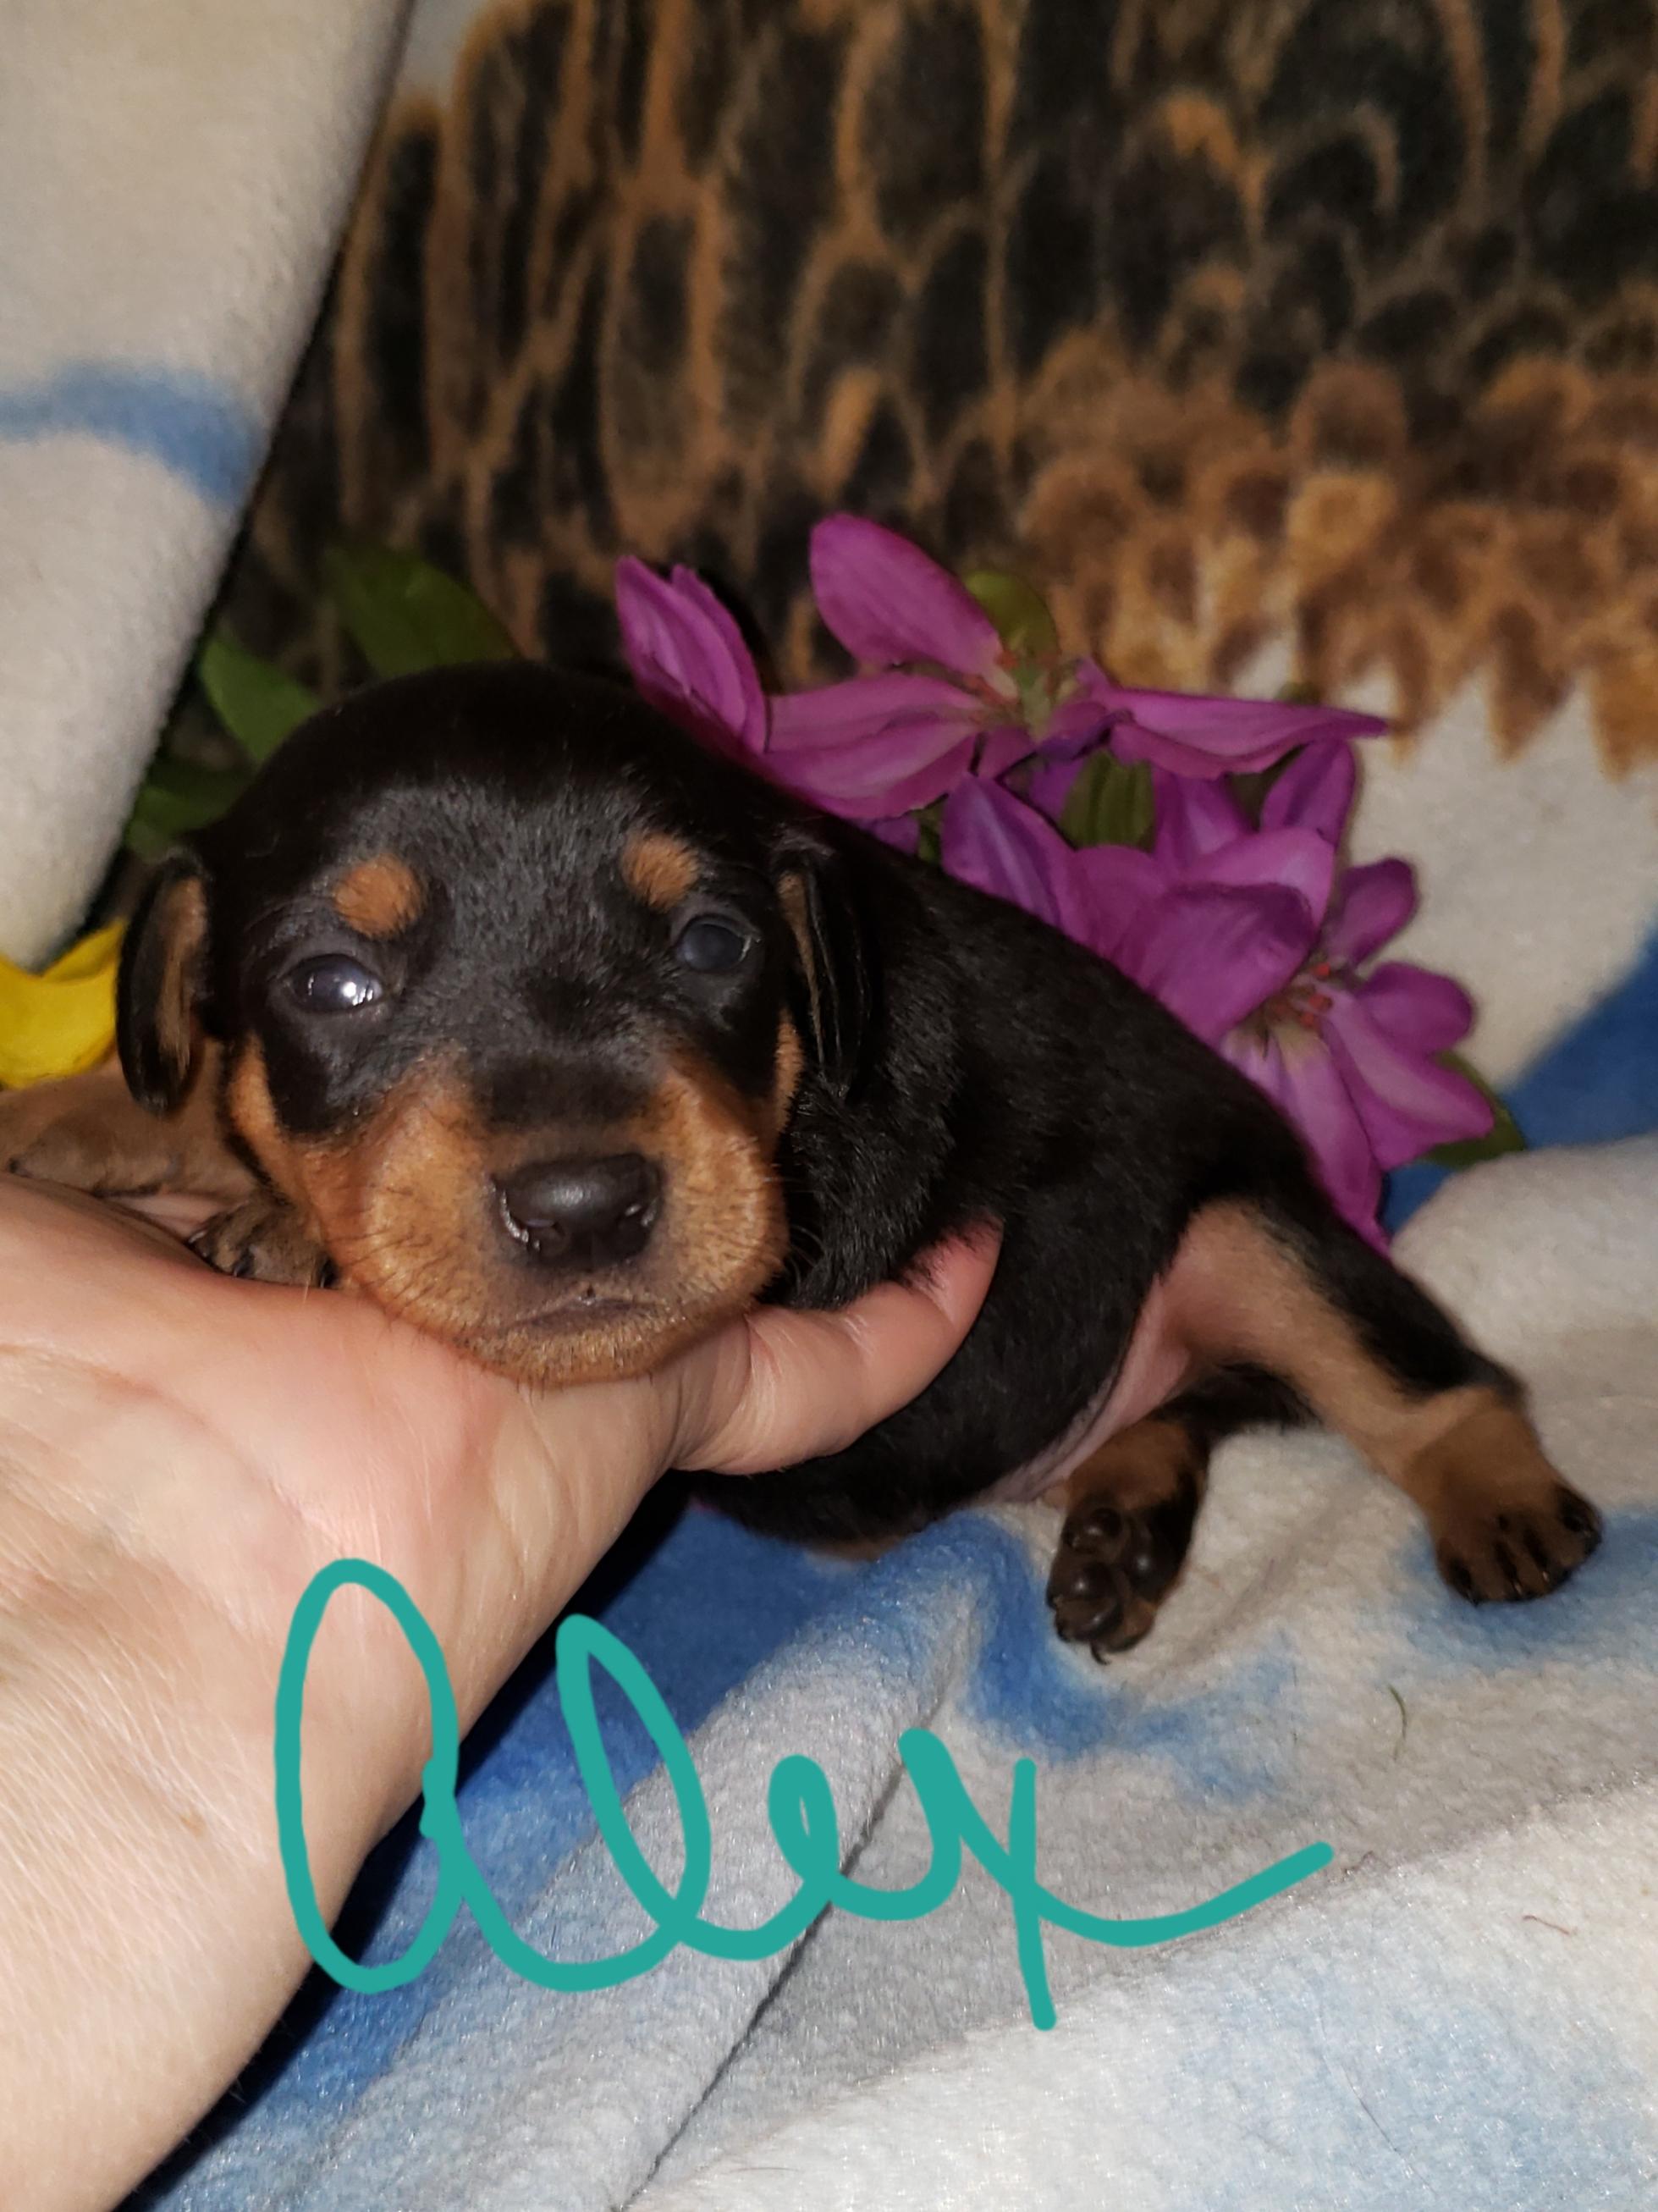 Miniature Pinscher (Min-Pin) puppies for sale